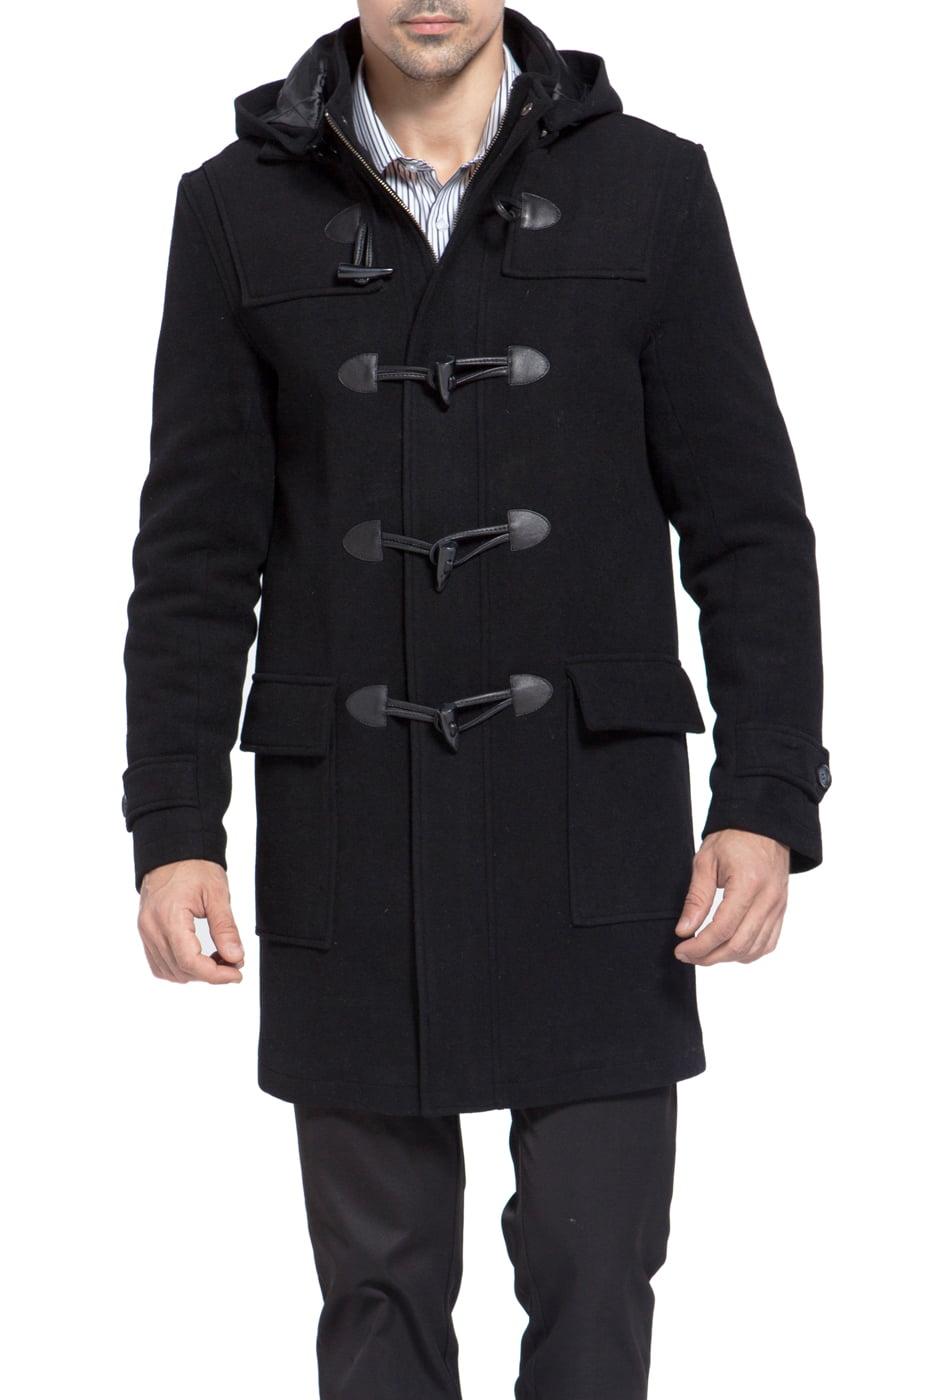 BGSD Men's 'Benjamin' Wool Blend Classic Duffle Coat by BGSD